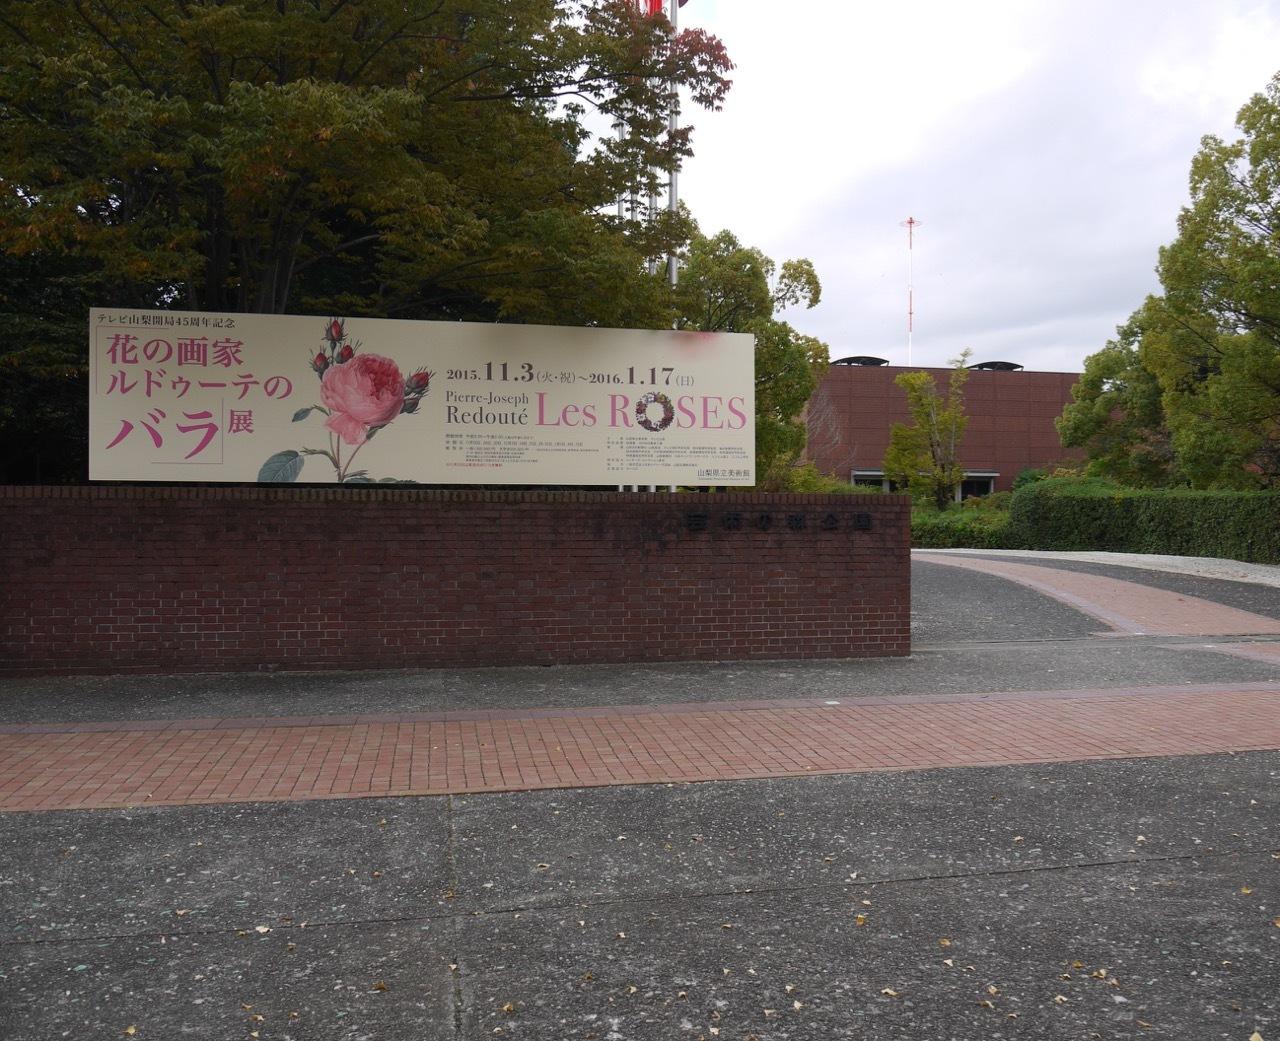 山梨県立美術館「花の画家 ルドゥーテのバラ」展 開幕です!_e0356356_12120620.jpg